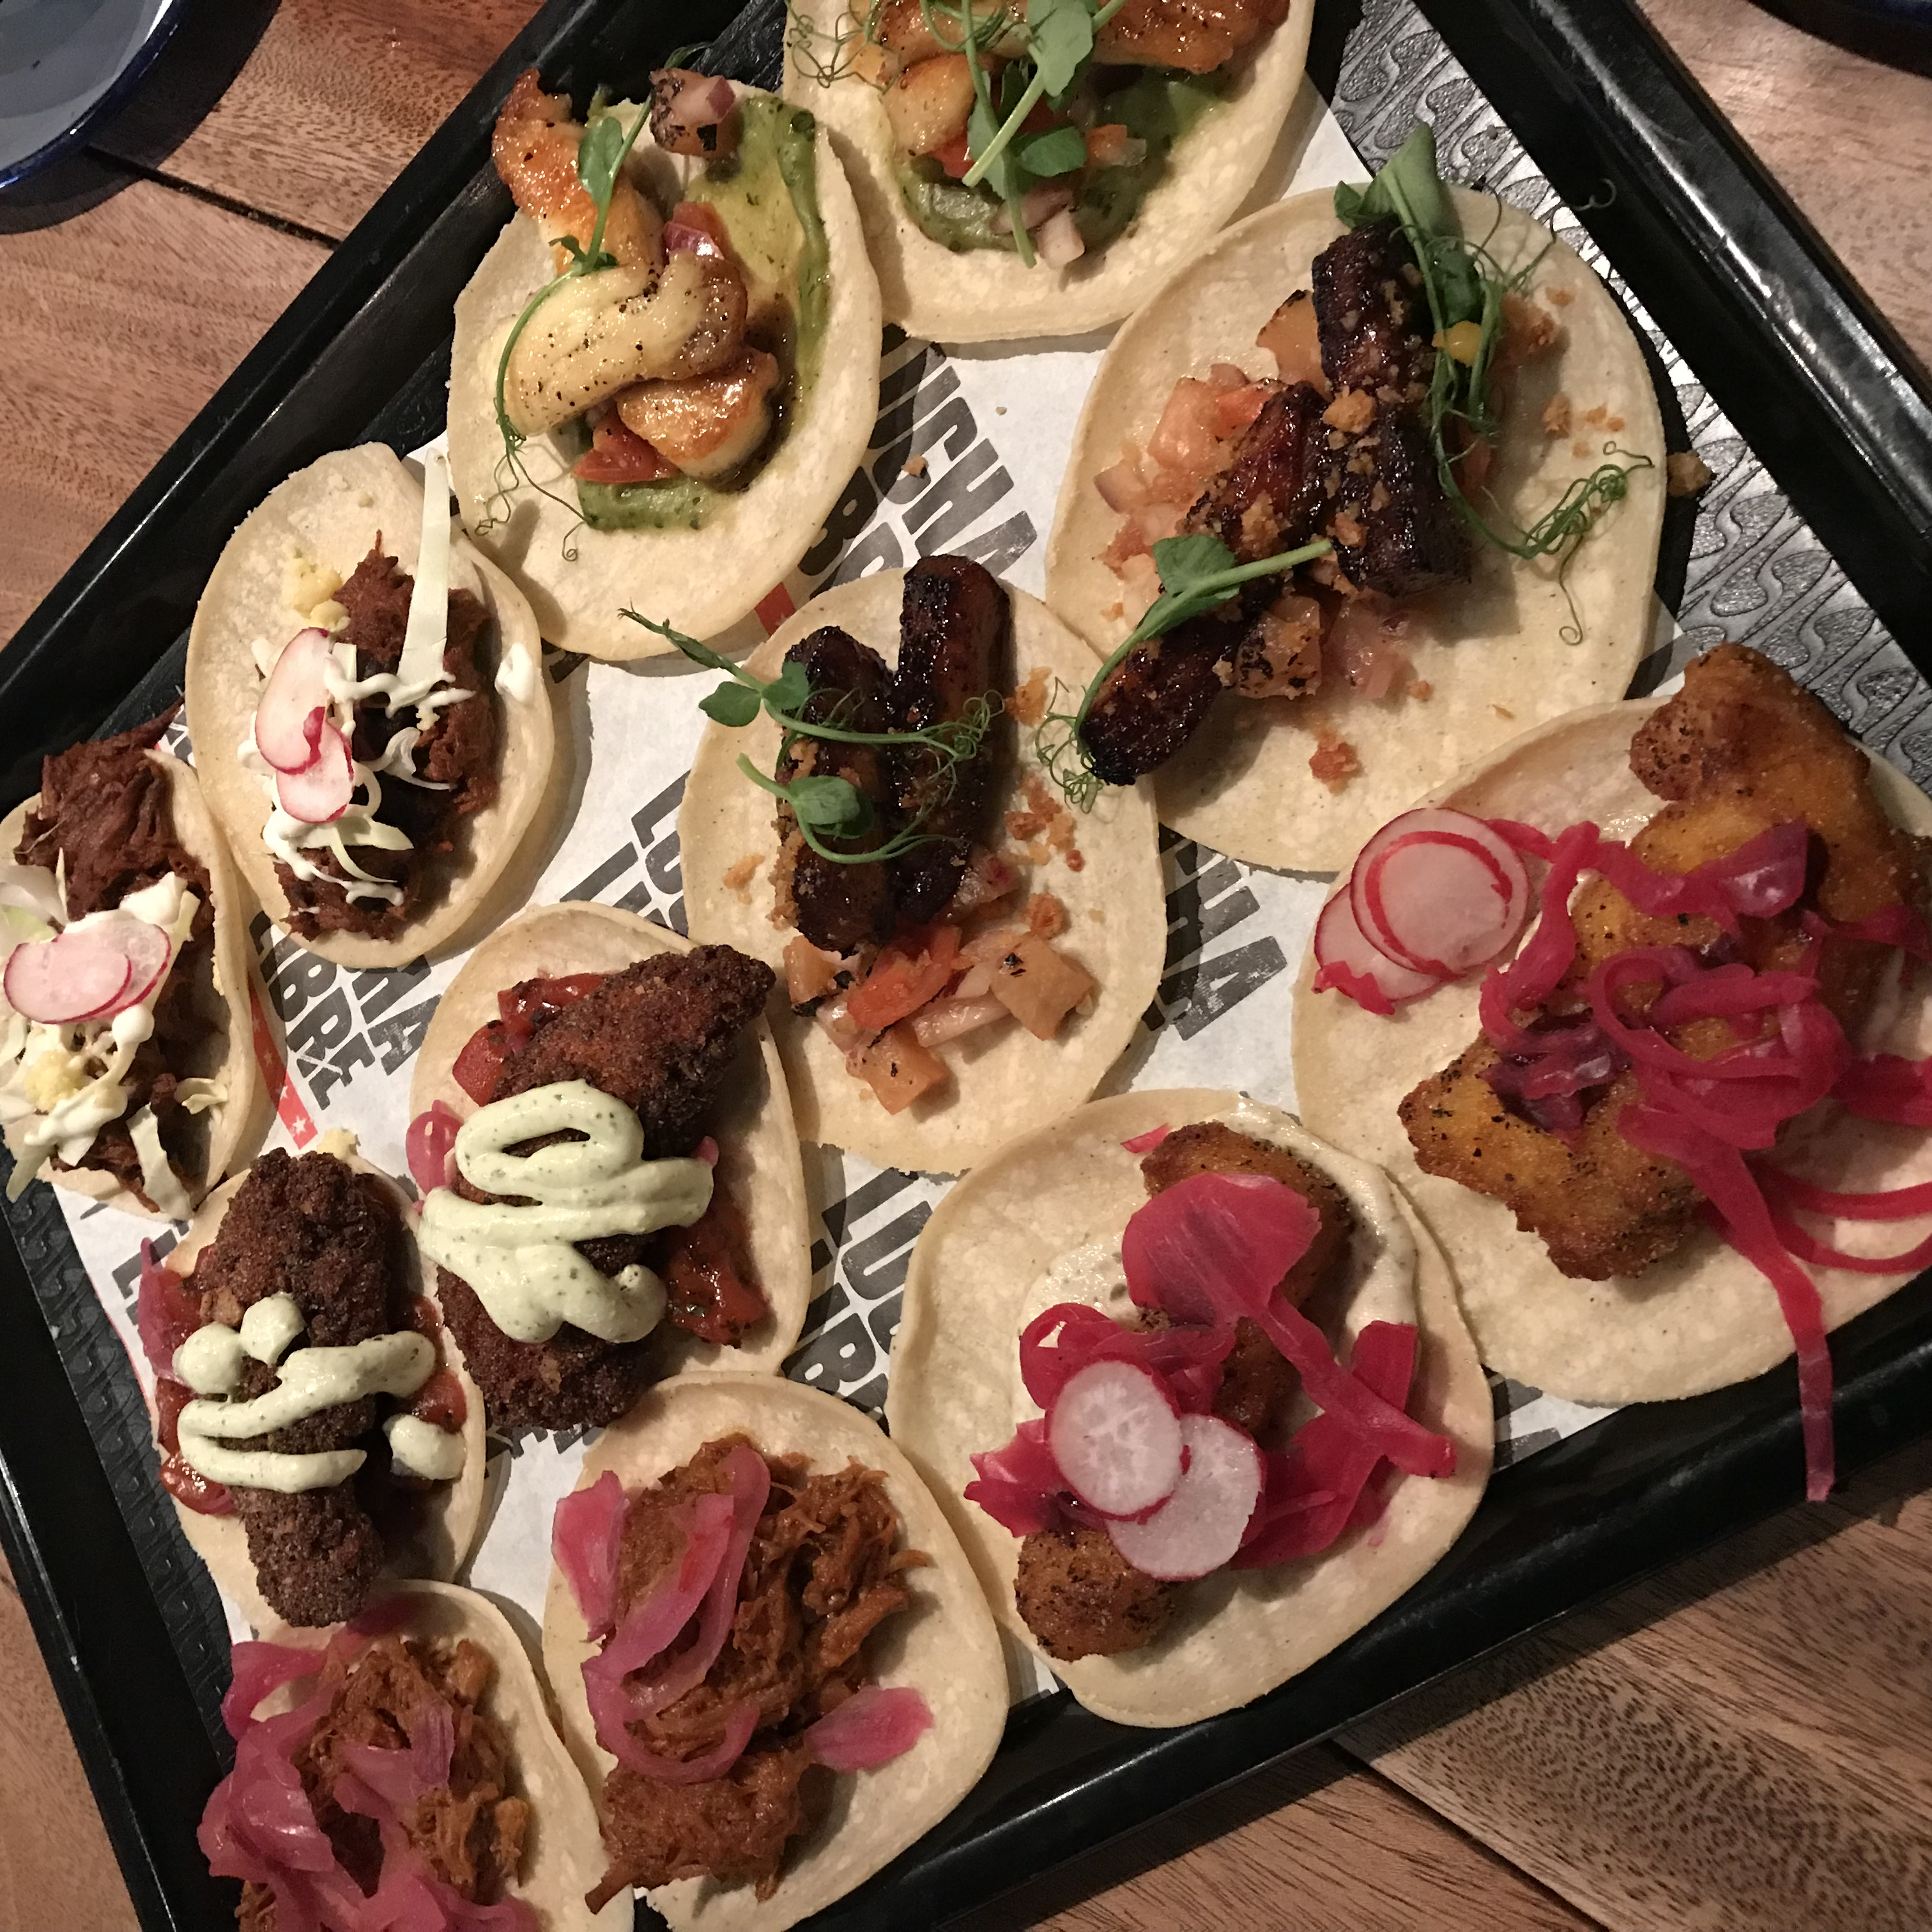 Tacos at Lucha Libre